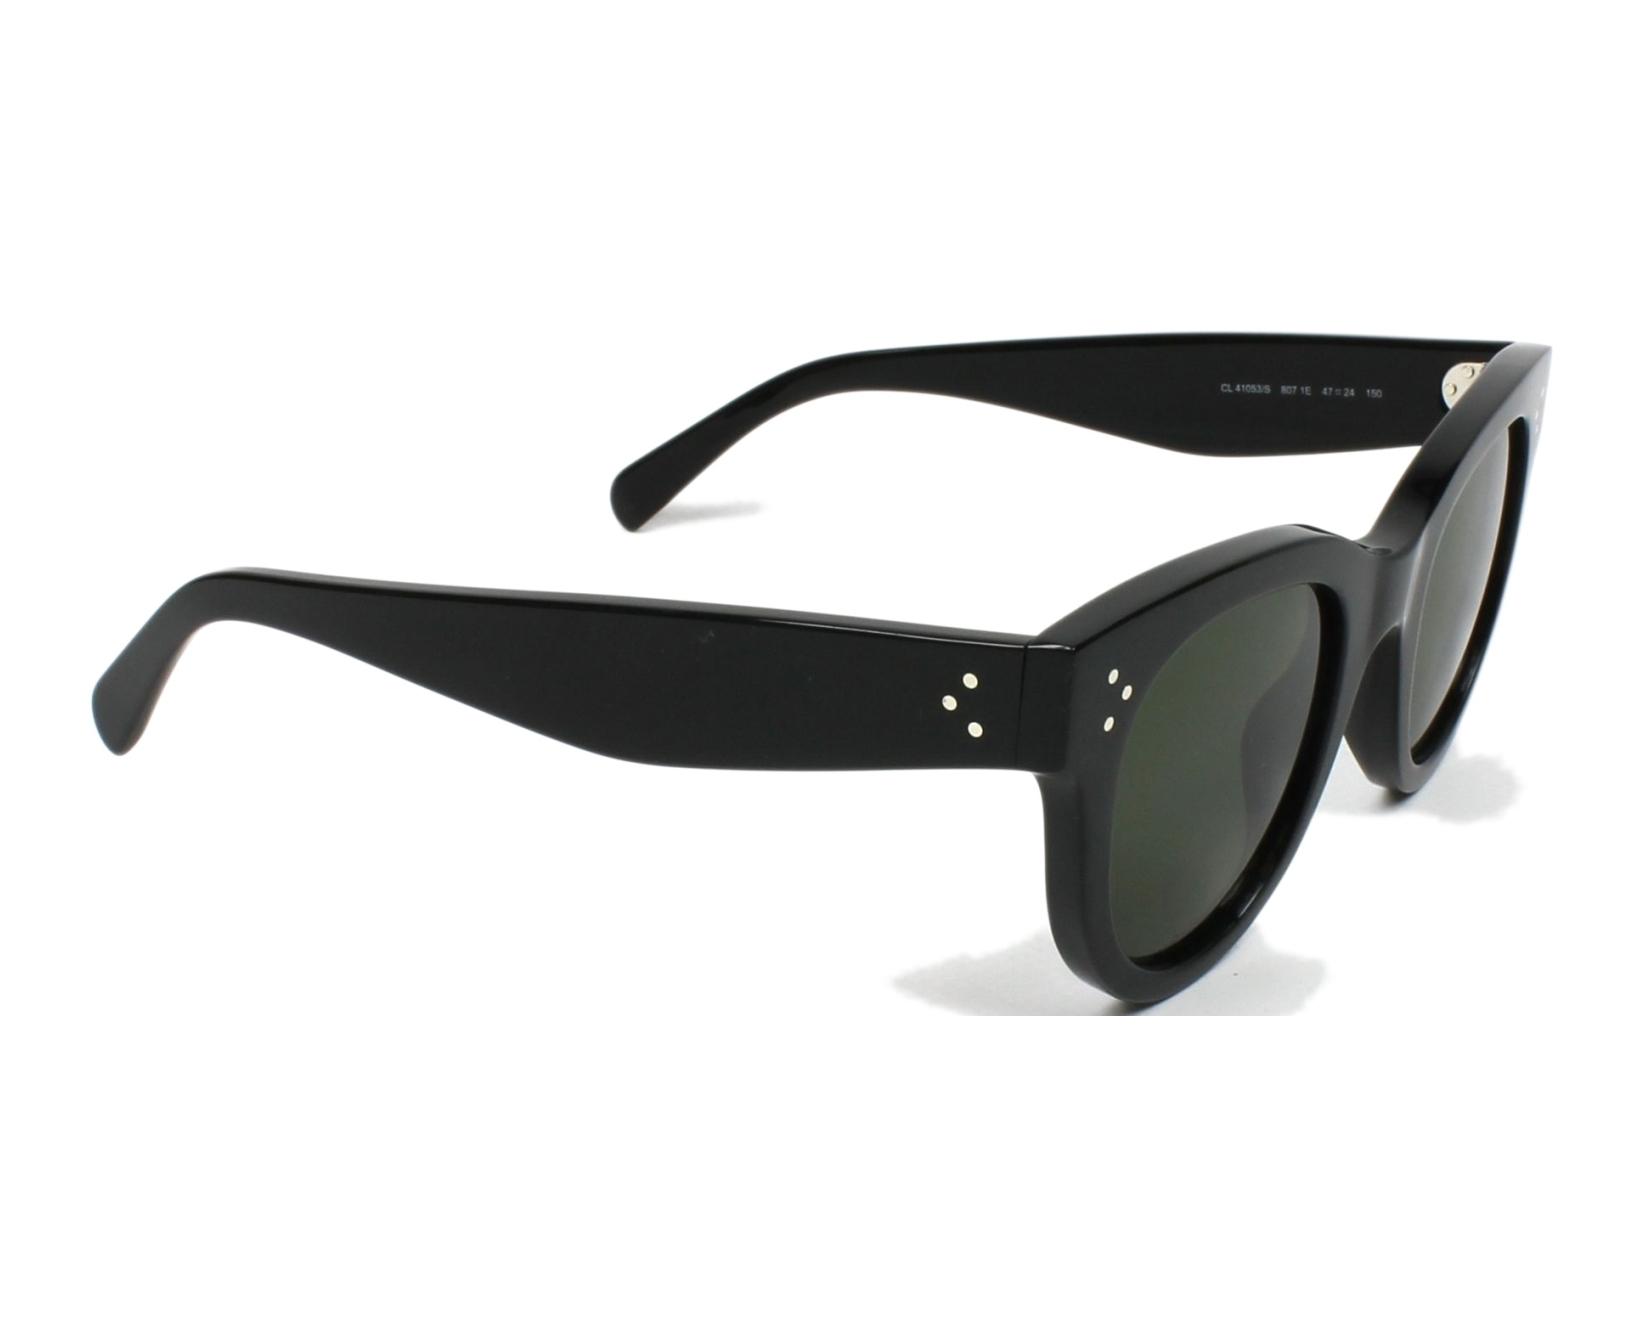 158a156a7d thumbnail Sunglasses Céline CL-41053-S 807 1E - Black side view